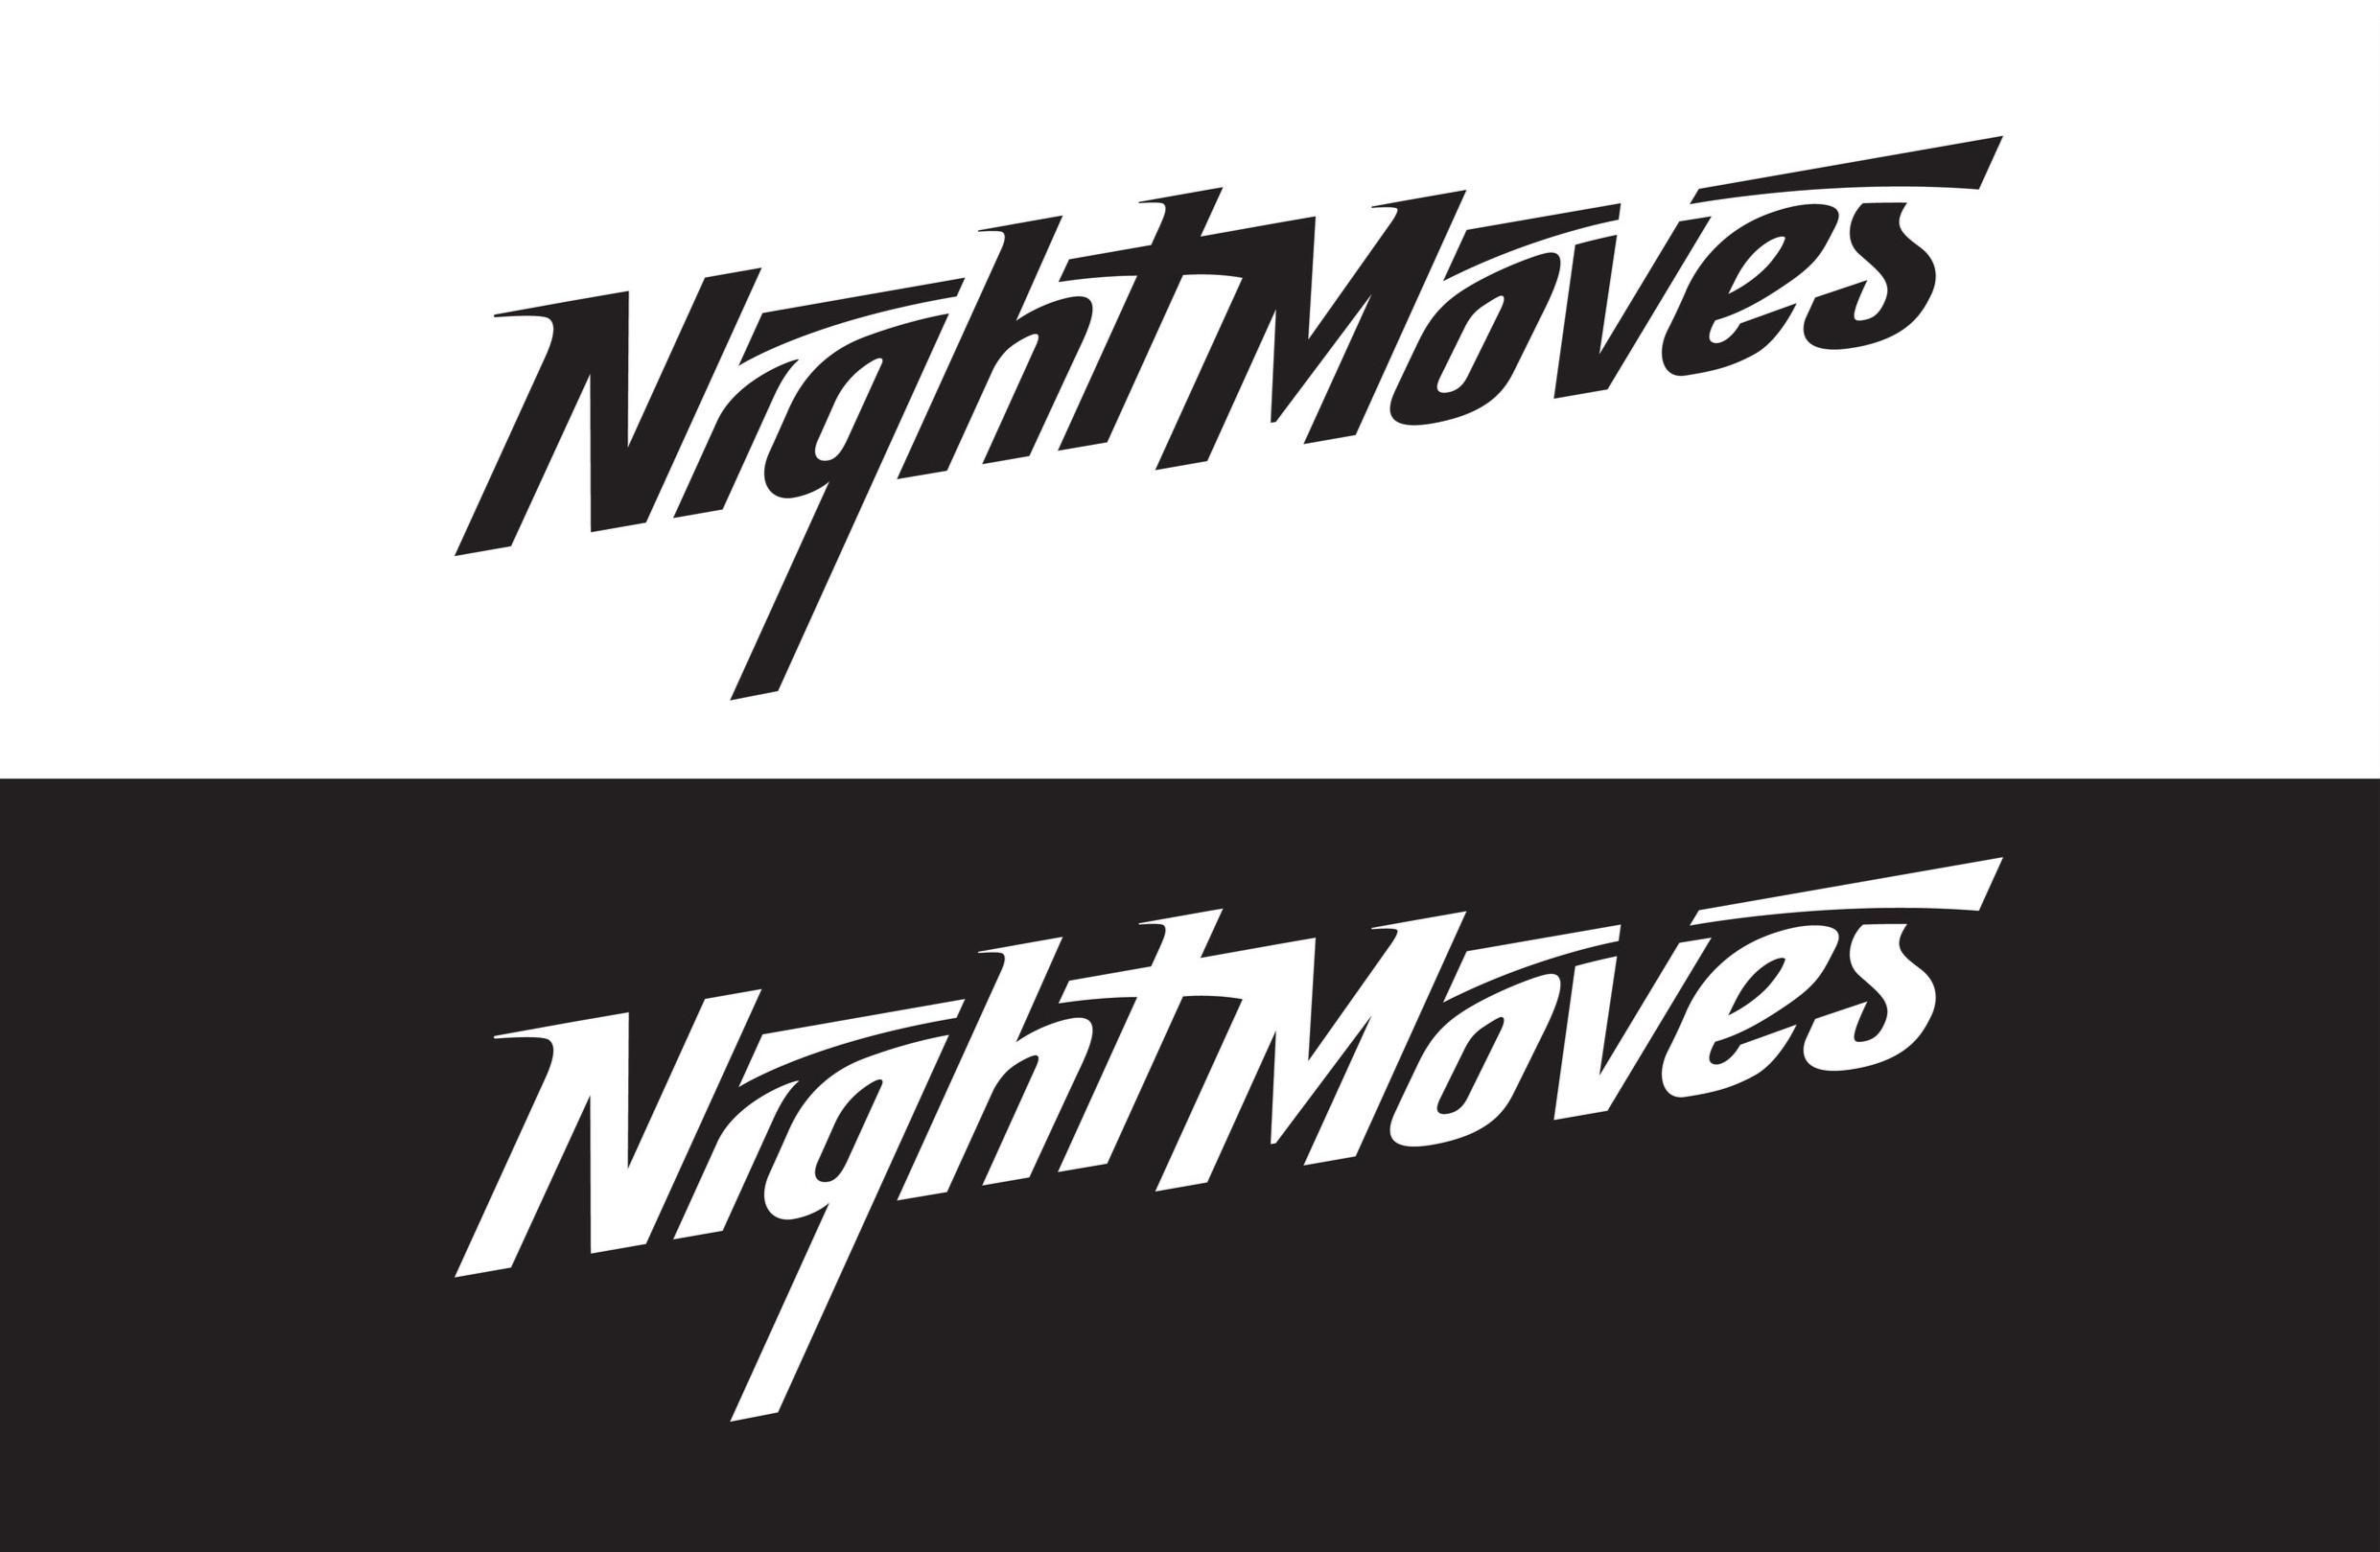 NightMoves_VectorTrans_WIP002_BW-06.jpg